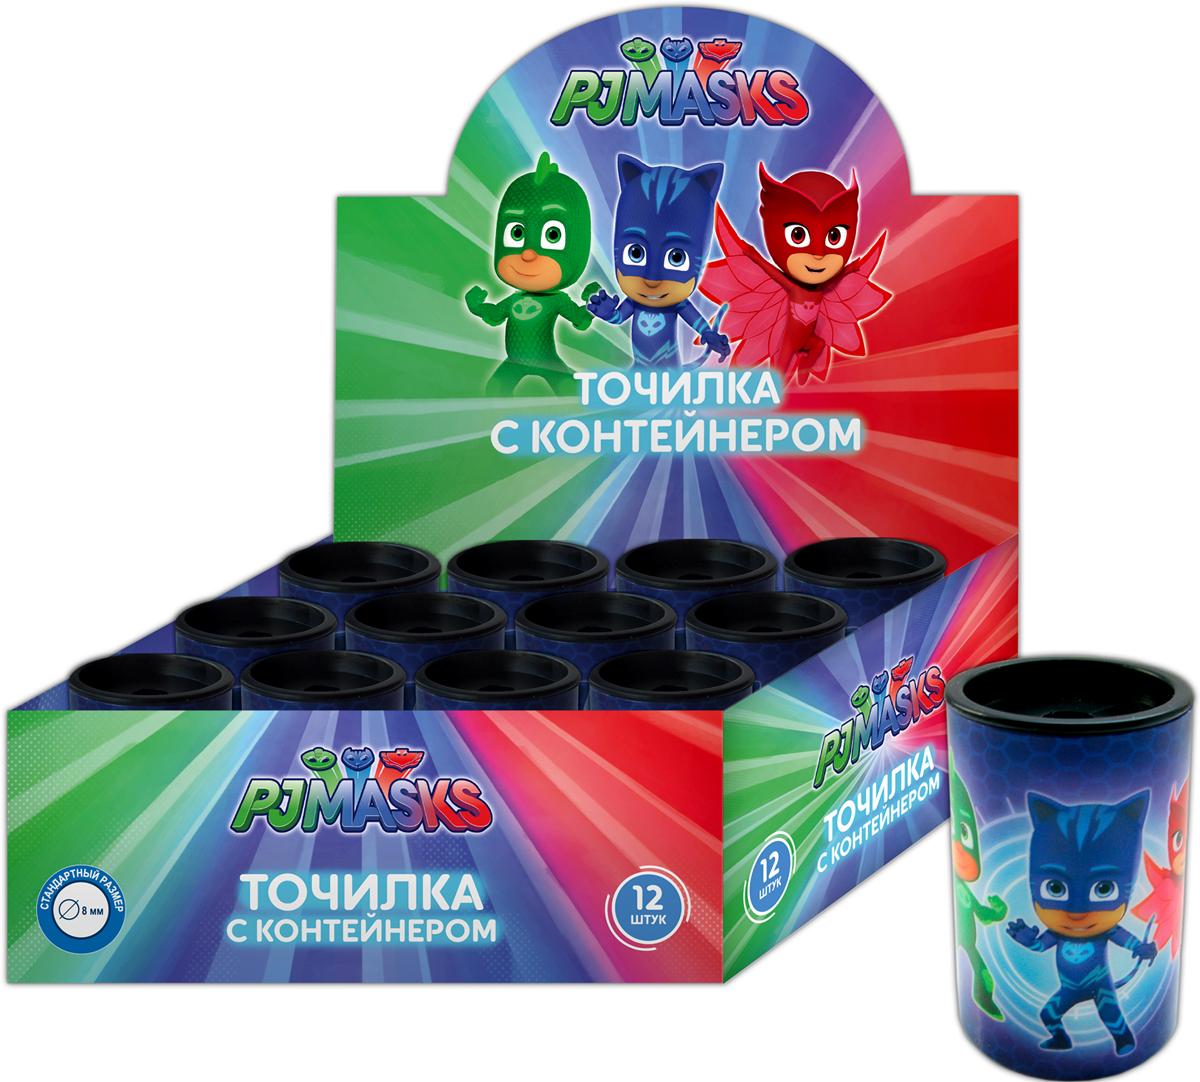 PJ Masks Точилка с контейнером цвет синий 34081 pj masks набор толстых восковых карандашей герои в масках 8 цветов 34062